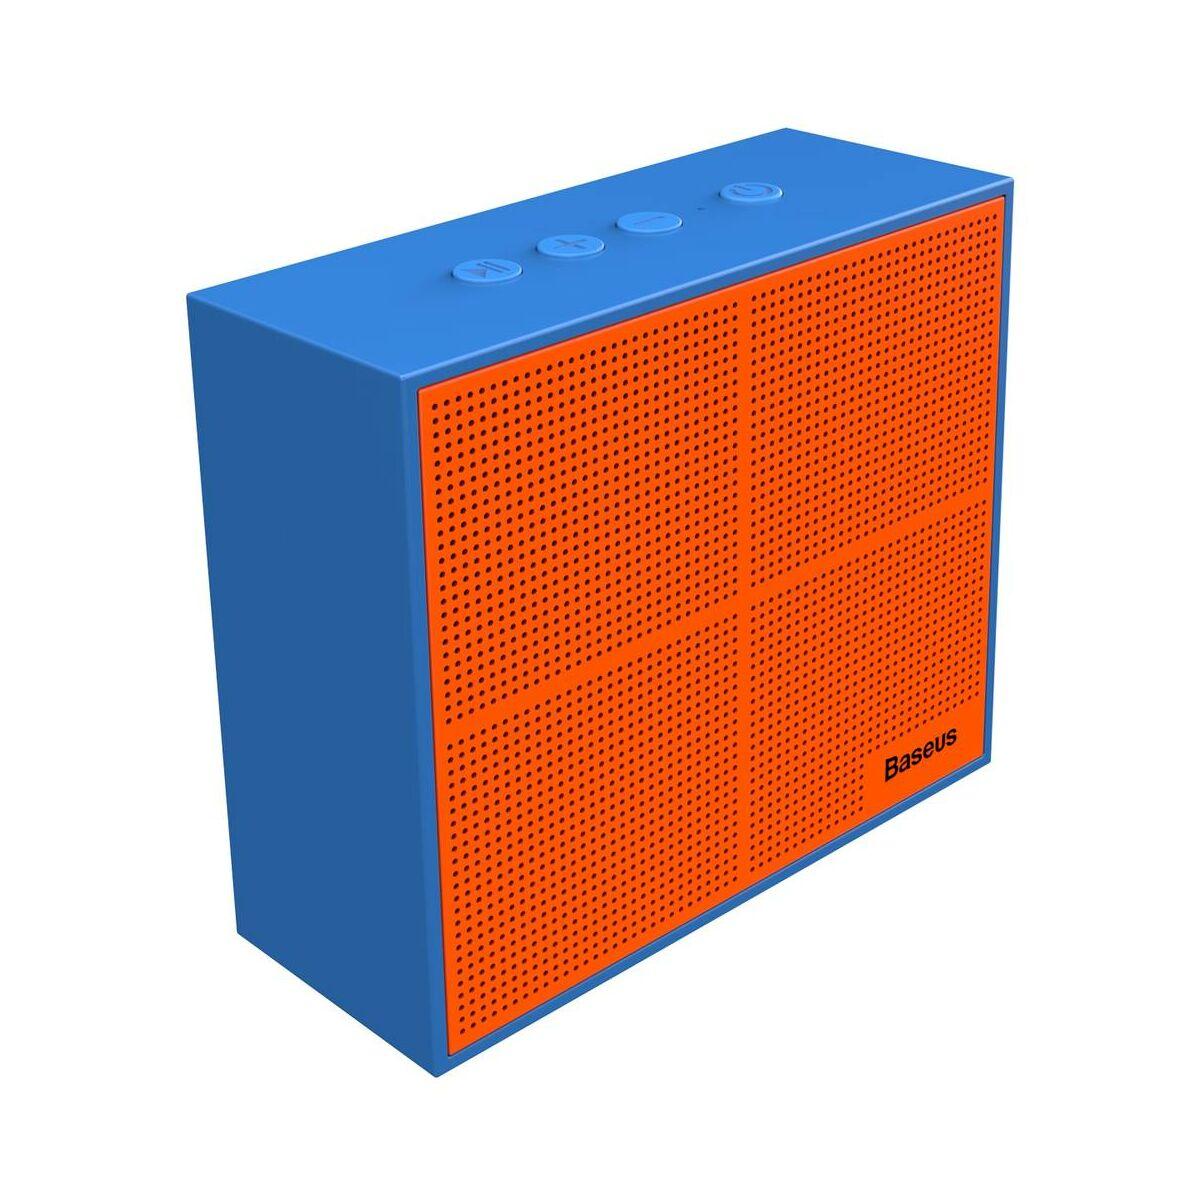 Baseus Hordozható hangszóró, Bluetooth Encok E05, Music-cube, kék (NGE05-03)